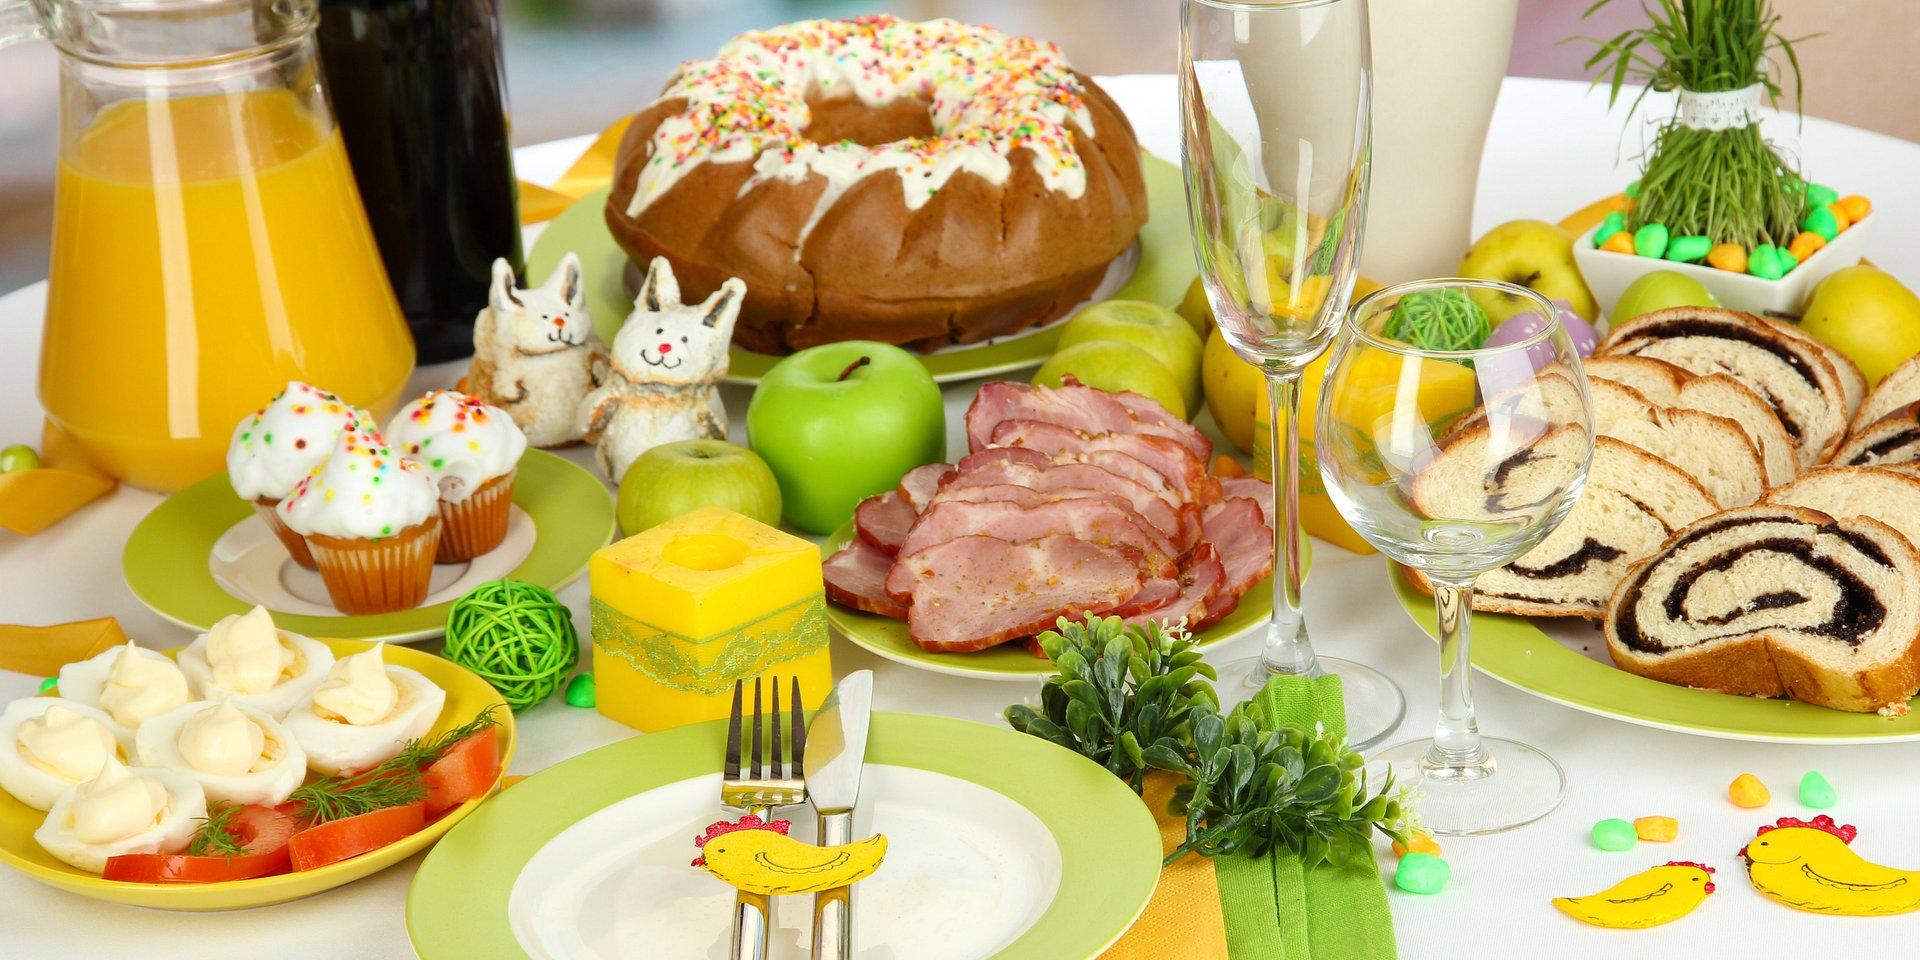 Wielkanoc w prezencie od pracodawcy